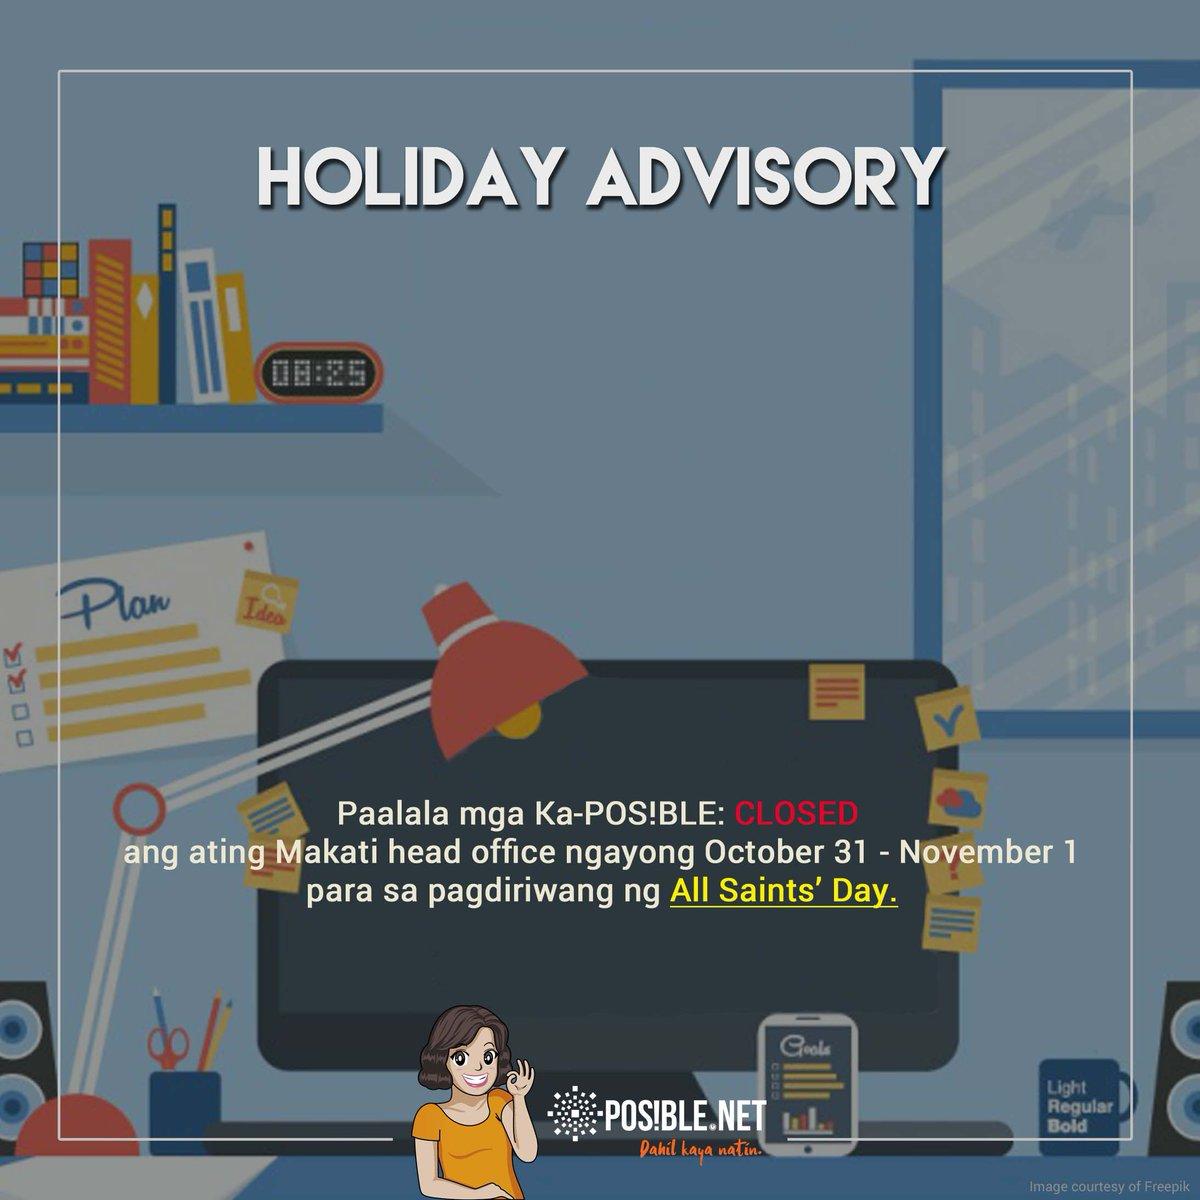 test Twitter Media - Paalala mga KaPOSIBLE: CLOSED ang ating Makati head office ngayong Oct31-Nov 1 para sa #Undas2017. Magkita-kita tayo muli sa Huwebes, Nov2. https://t.co/A9C7DpYqck